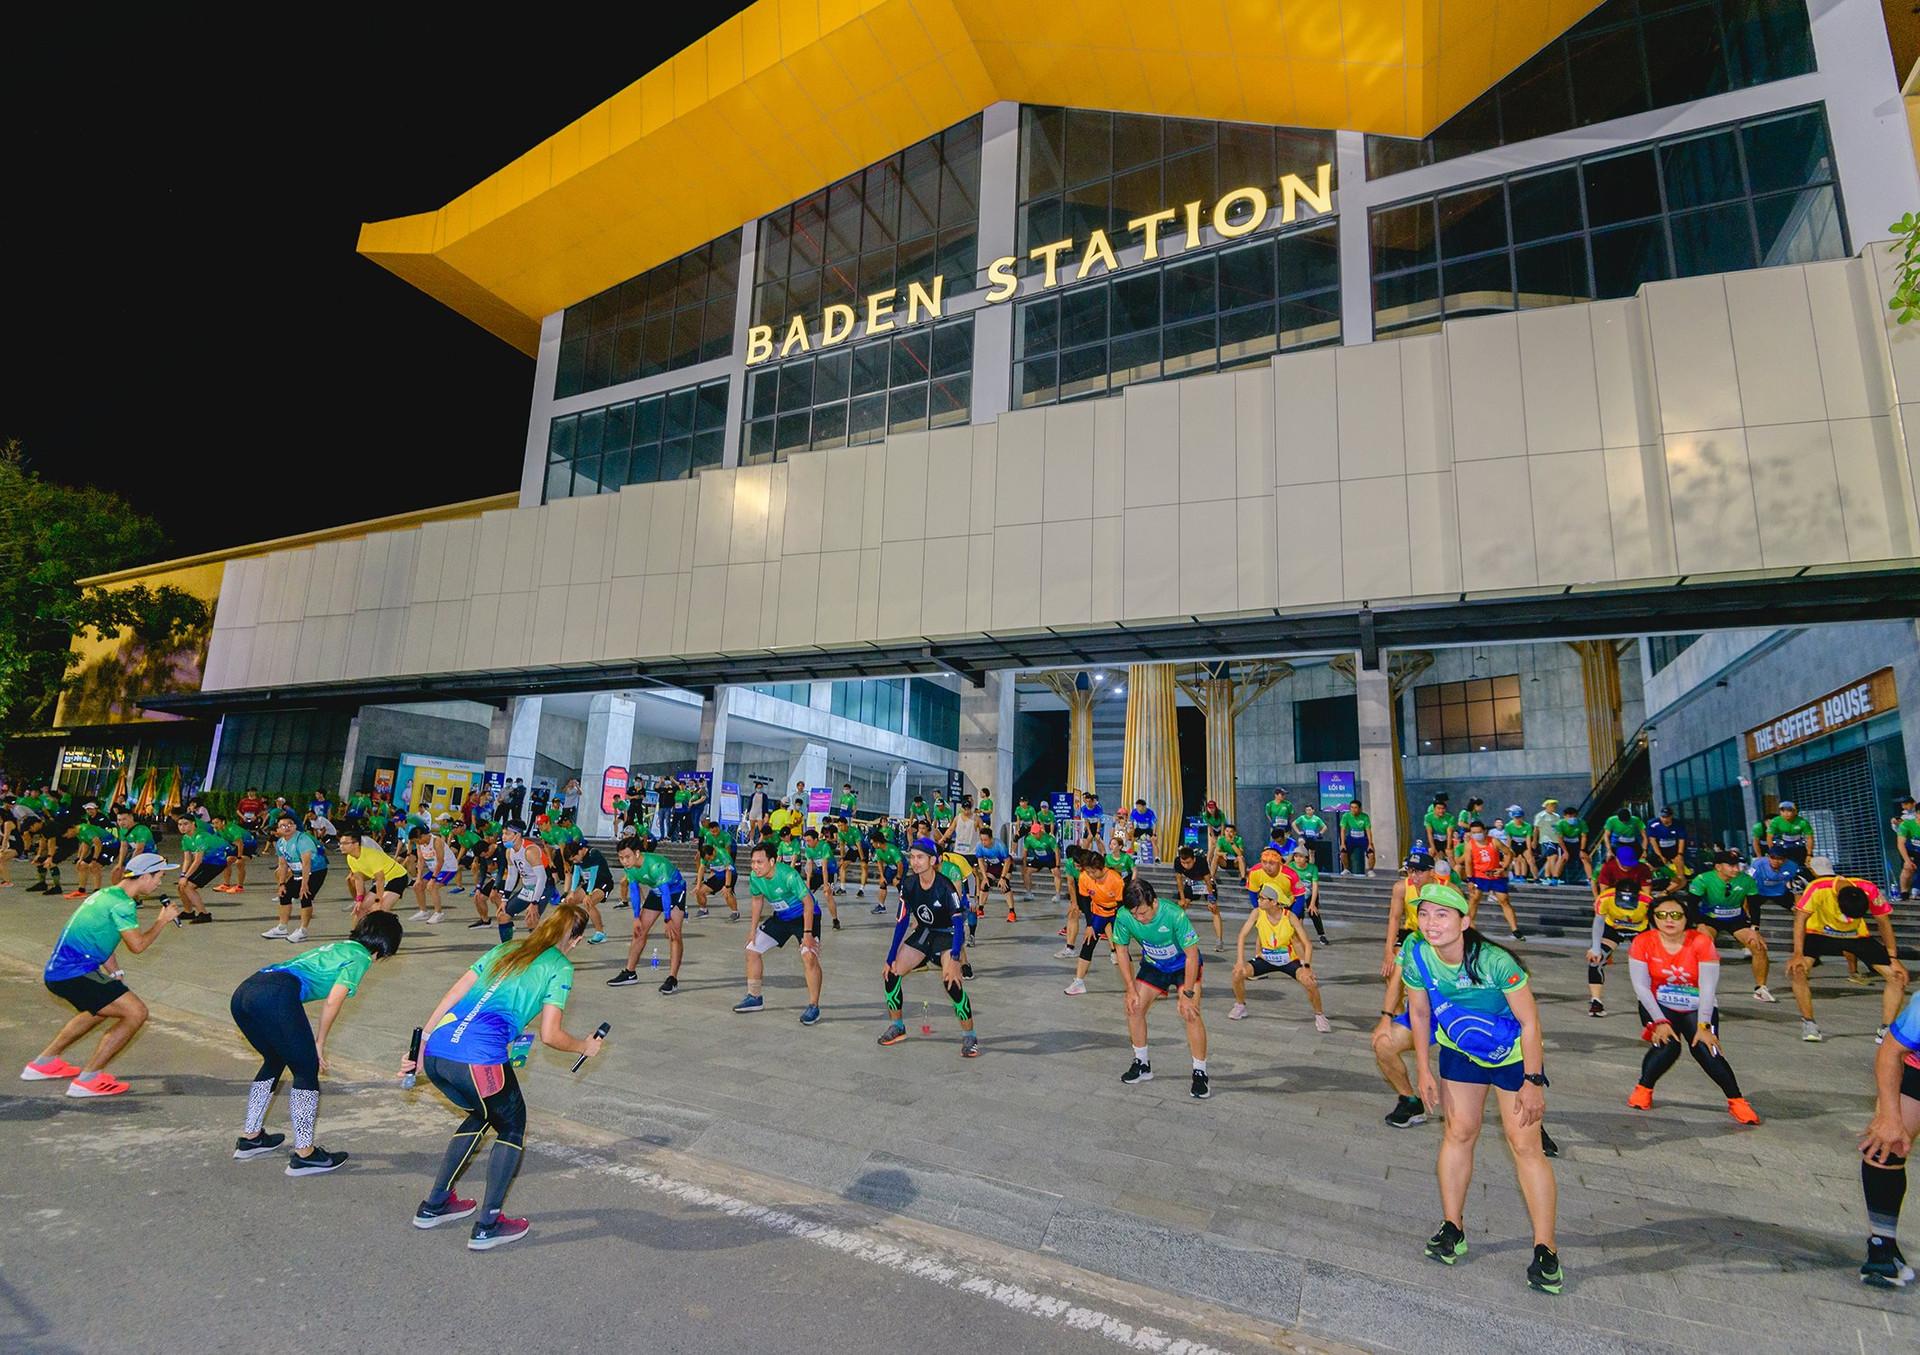 giai-chay-baden-mountain-marathon-2021-6-.jpg